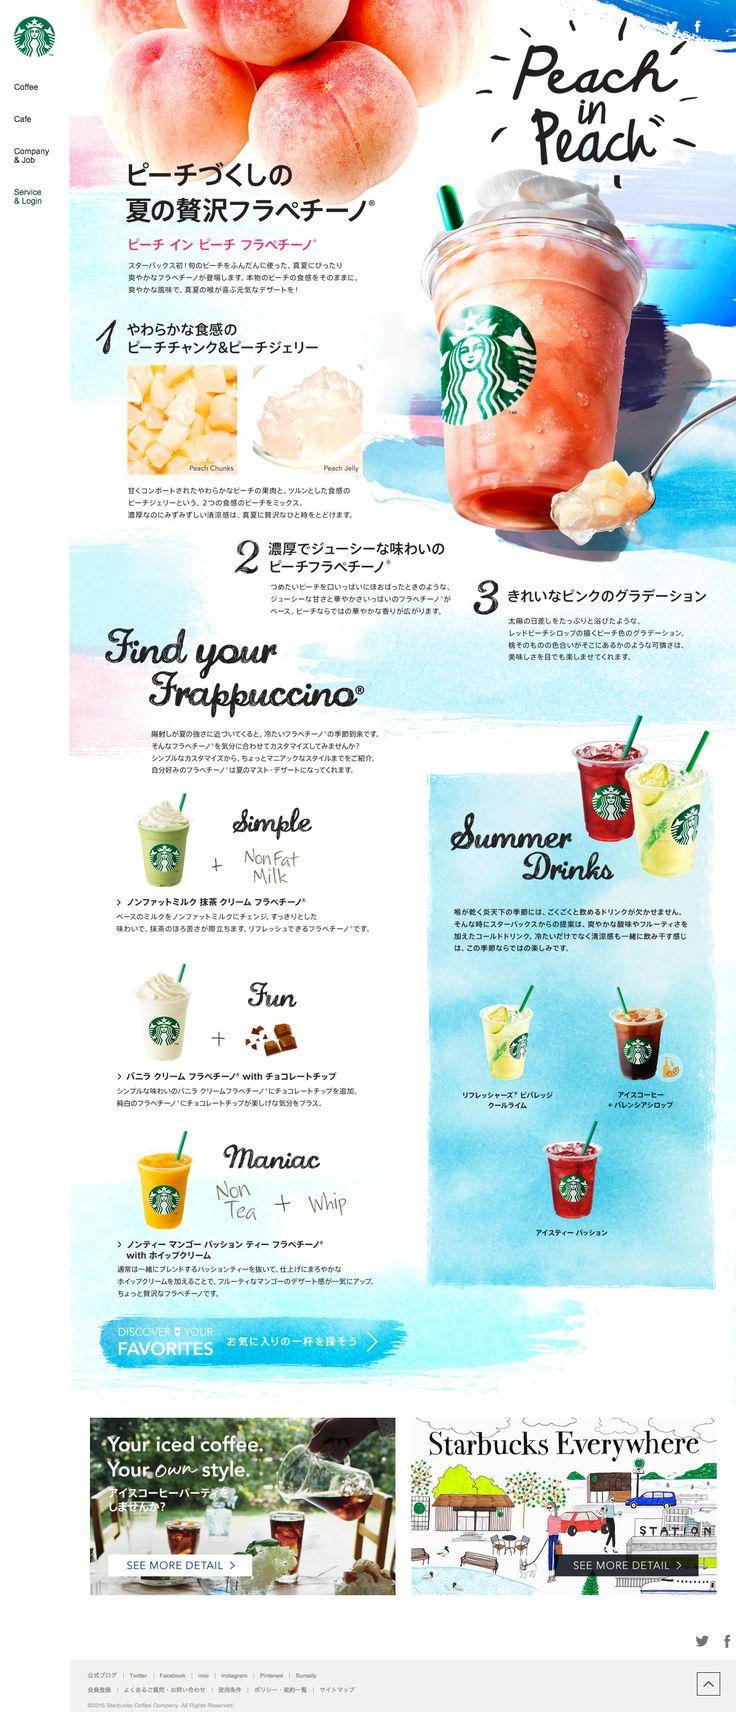 新商品情報 ピーチ イン ピーチ フラペチーノ®|スターバックス コーヒー ジャパン